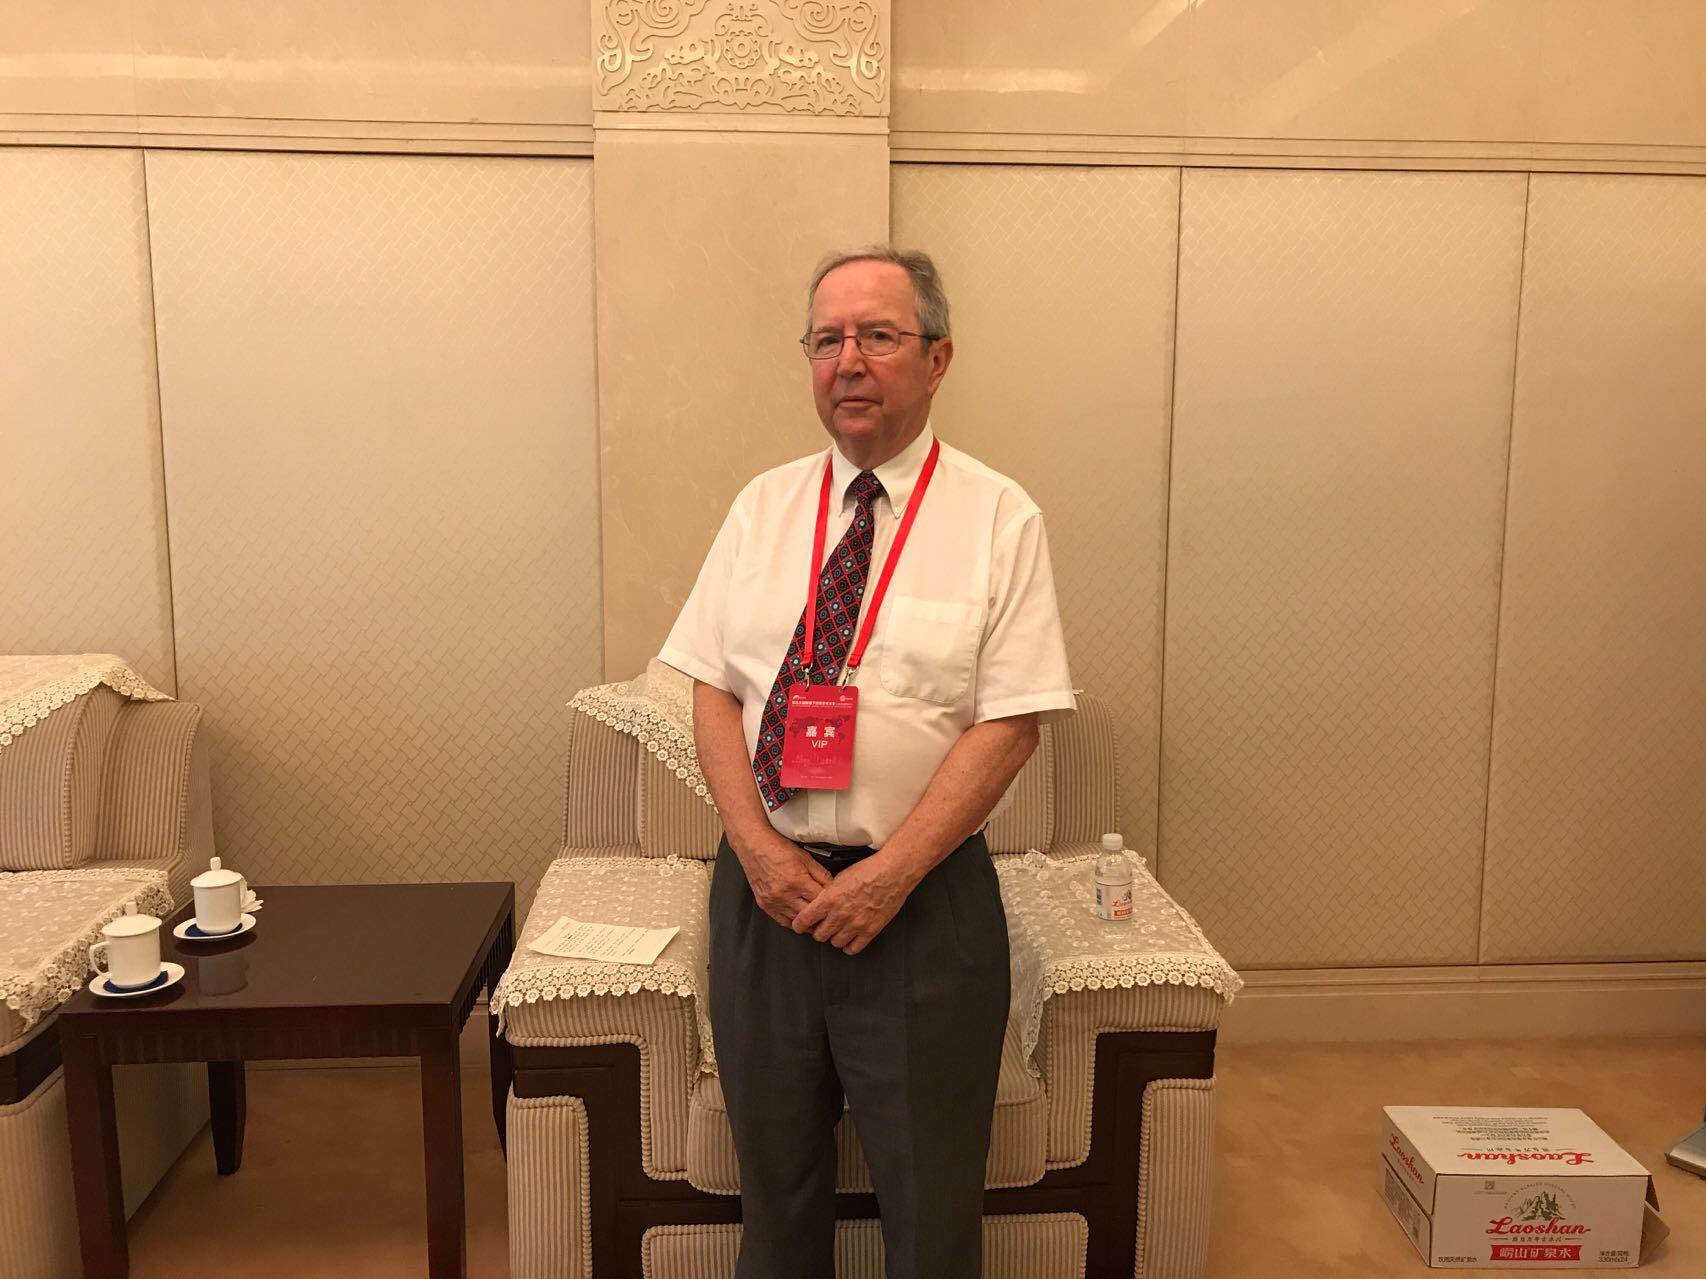 """四、意义深远:我市承办的第一次最高规格地下空间领域大会,对青岛地下空间开发利用具有积极的推动作用 作为国内最高级别和水平的地下空间学术会议,国际地下空间学术大会(IACUS2017)继2003年、2006年、2009年、2014年分别在北京、深圳和南京等城市召开后,今年首次""""走""""进青岛,为岛城献上了一场地下空间领域的""""学术盛宴""""。 同时,这是国际地下空间学术会议首次由国有投资平台公司承办,对推动我国地下空间研究从学术理论到落地实践,进一步密切政府、协会、企"""